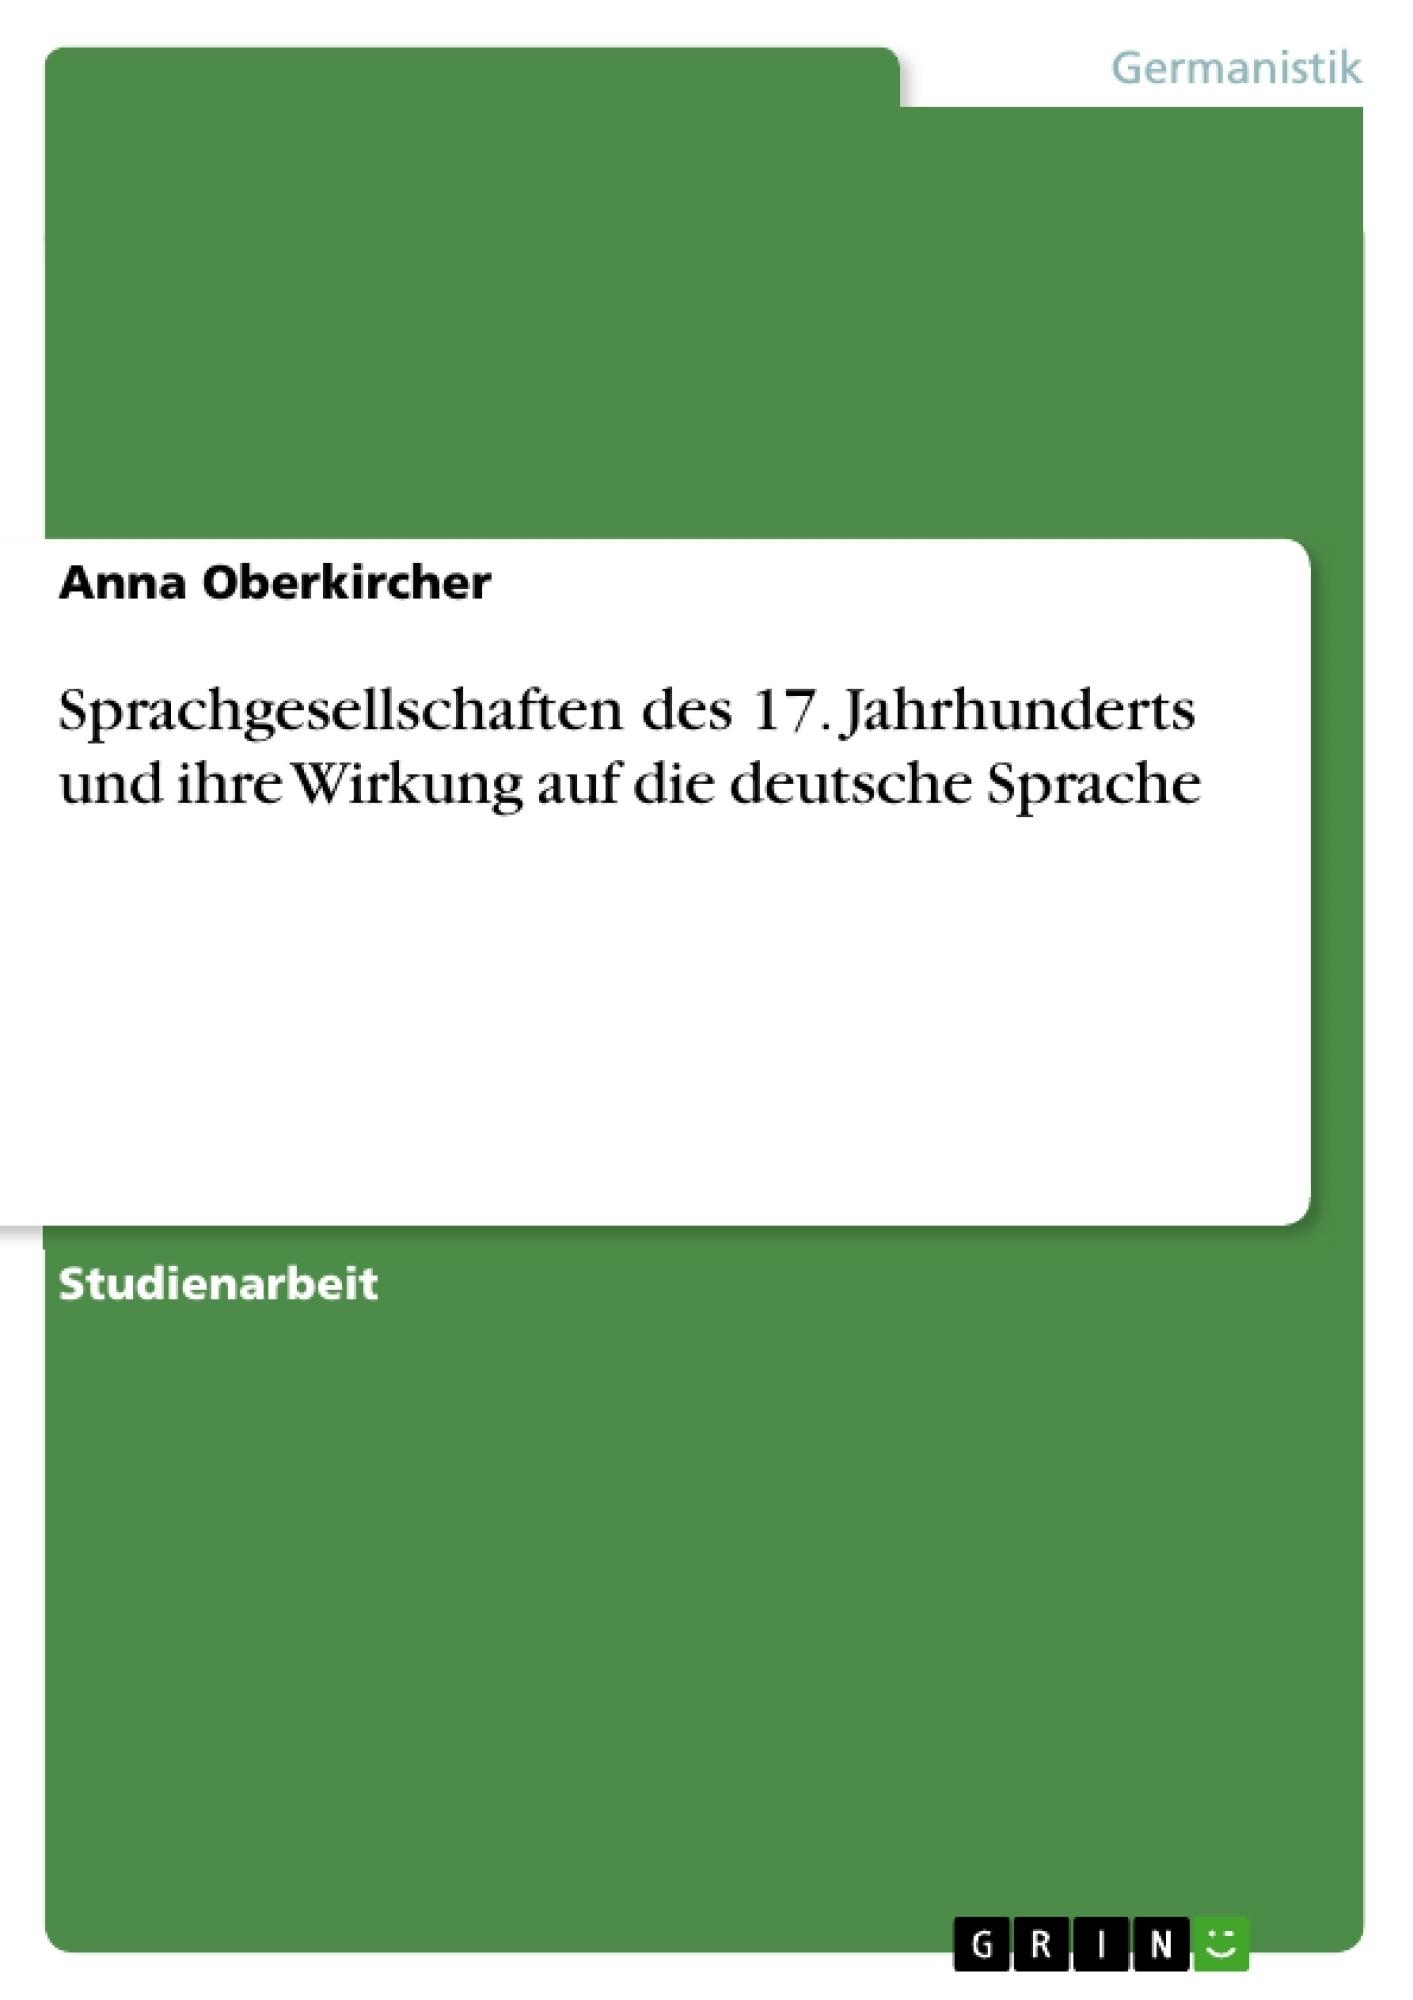 Titel: Sprachgesellschaften des 17. Jahrhunderts und ihre Wirkung auf die deutsche Sprache